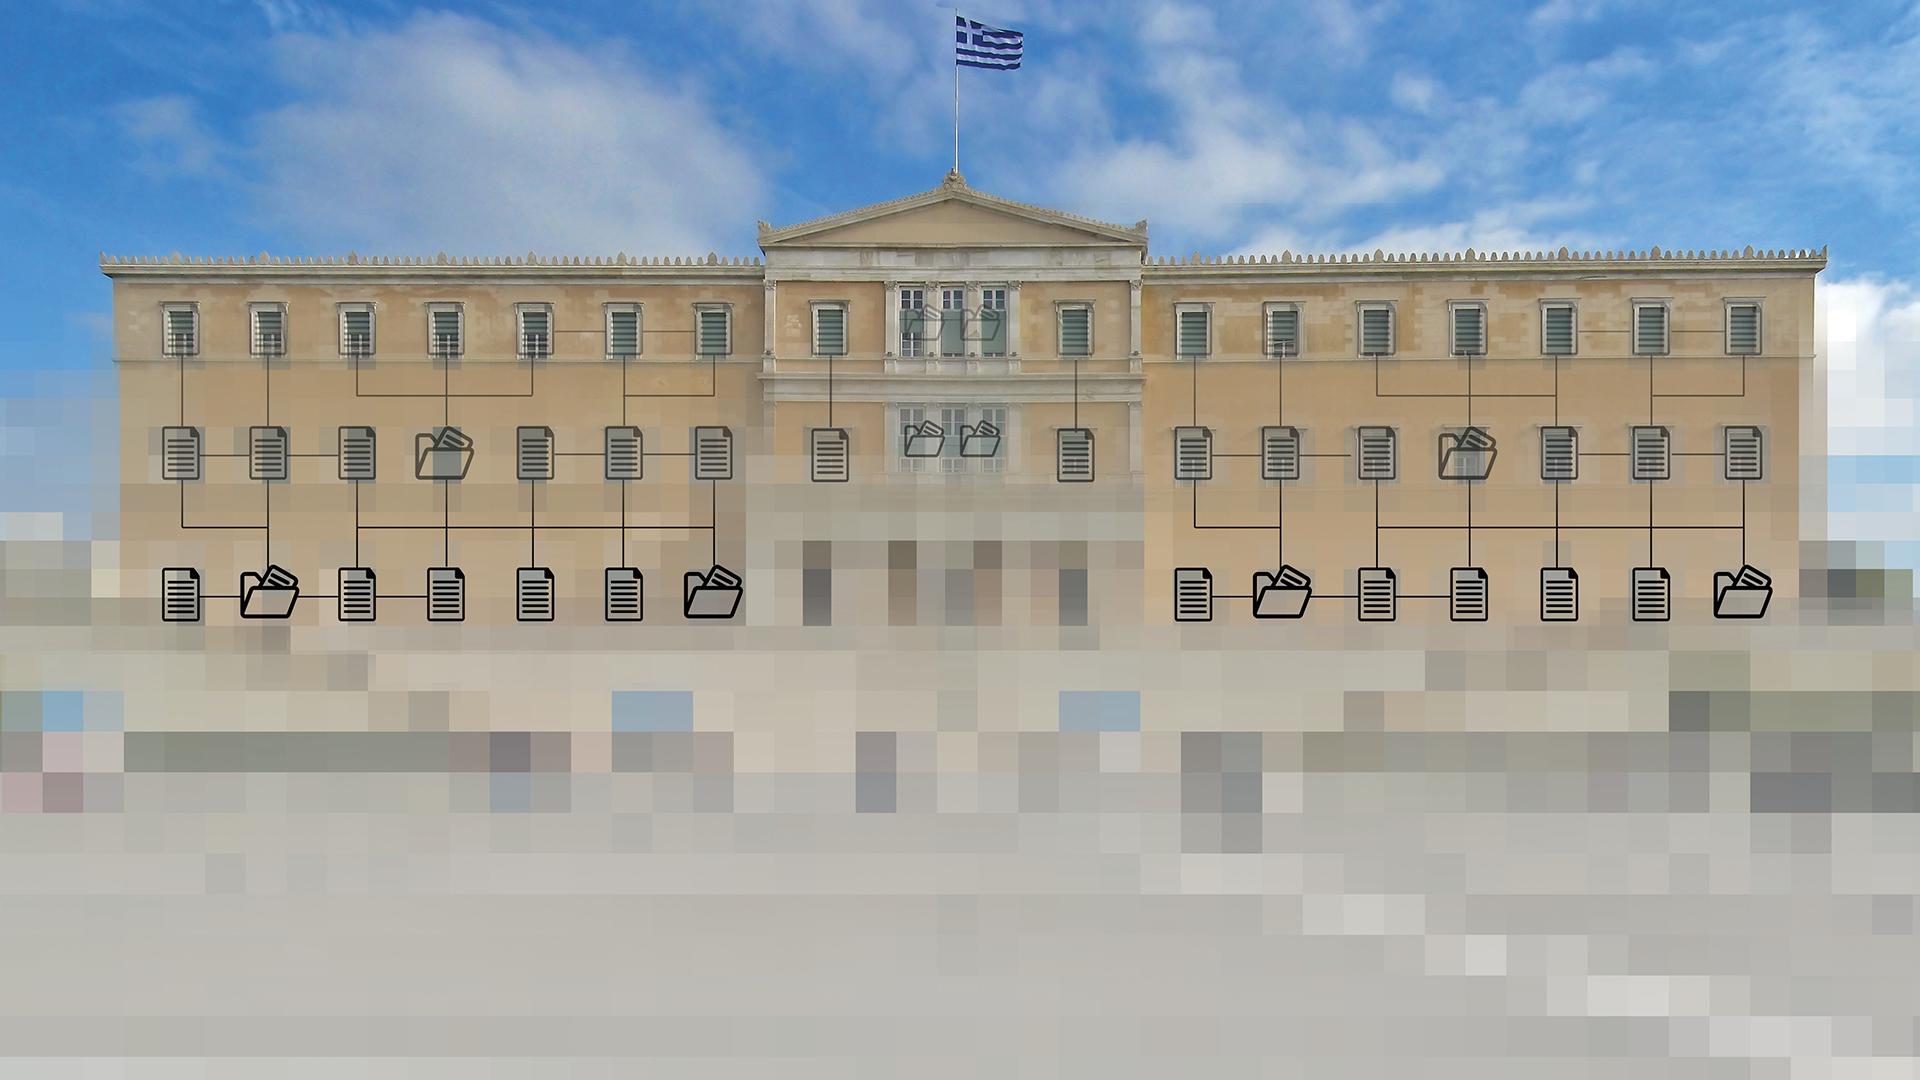 Εικονογράφηση με βάση το ελληνικό κοινοβούλιο